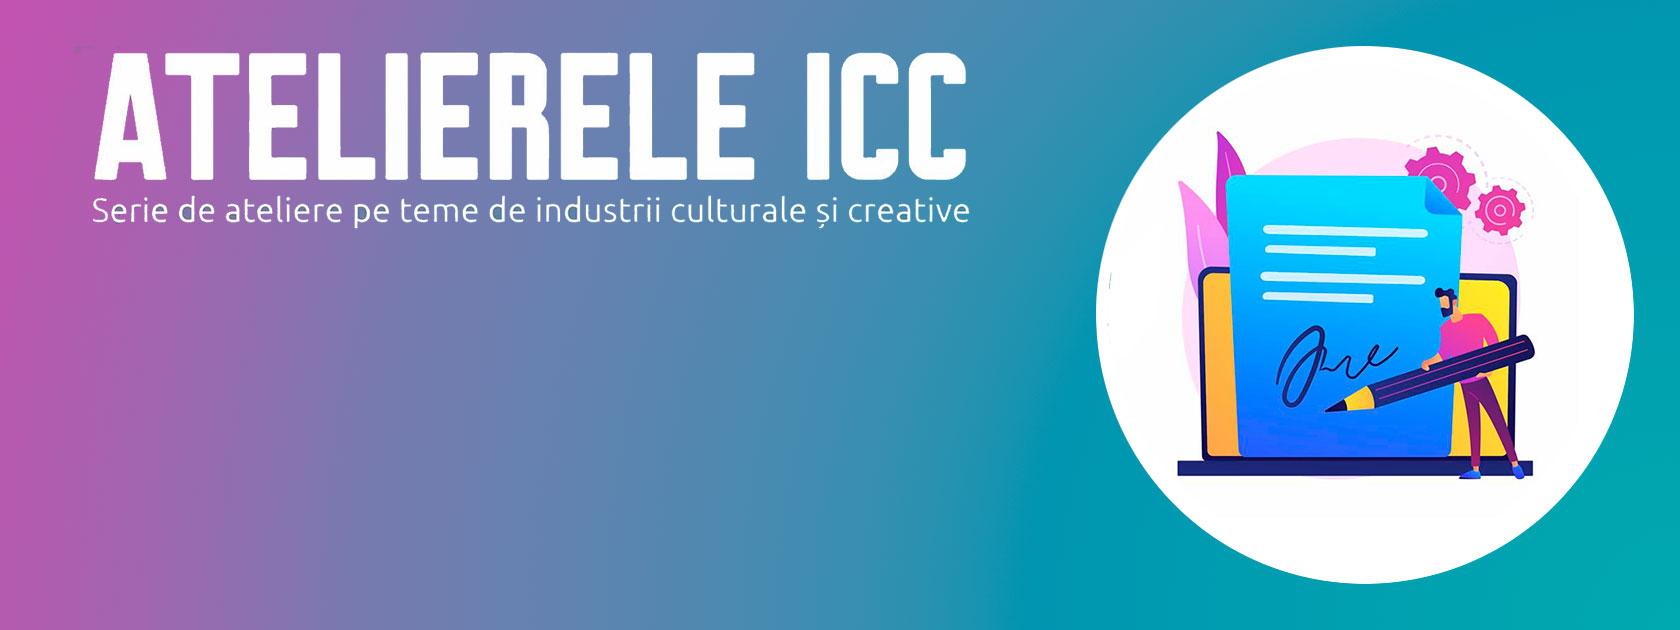 Atelierele ICC